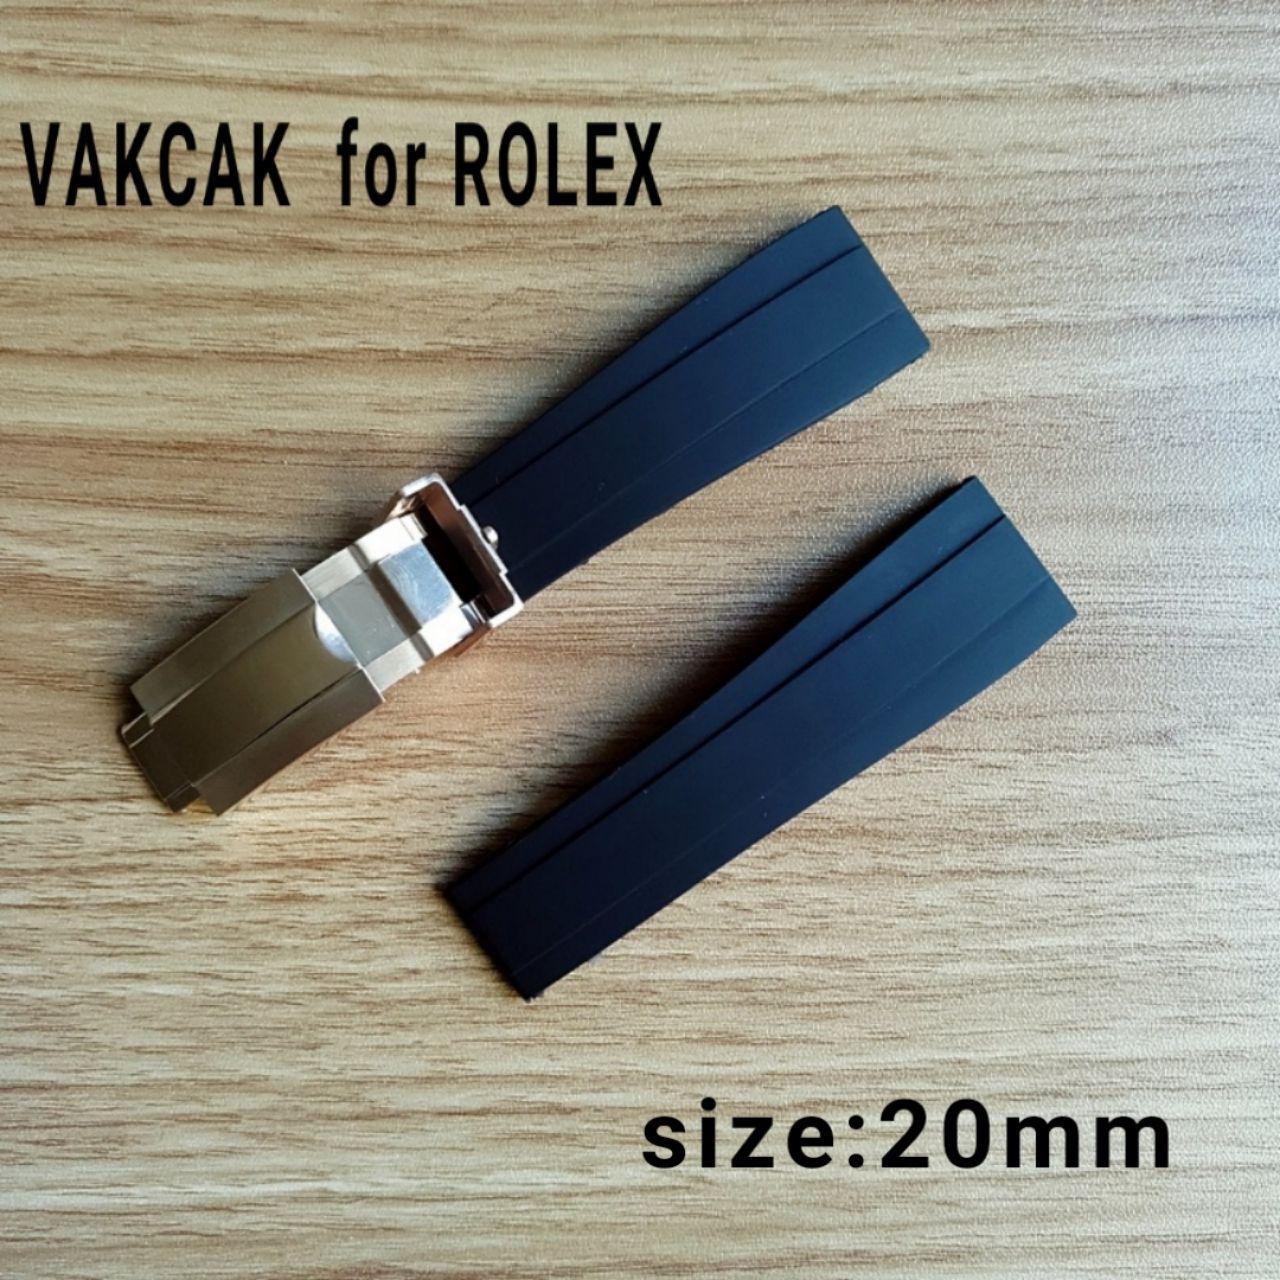 حزام مقاس 20 مم مناسب لـ ROLEX SUB / GMT / YM جديدة وملائمة لسوار الشريط المقاوم للماء مع مشبك فولاذي فضي أصلي